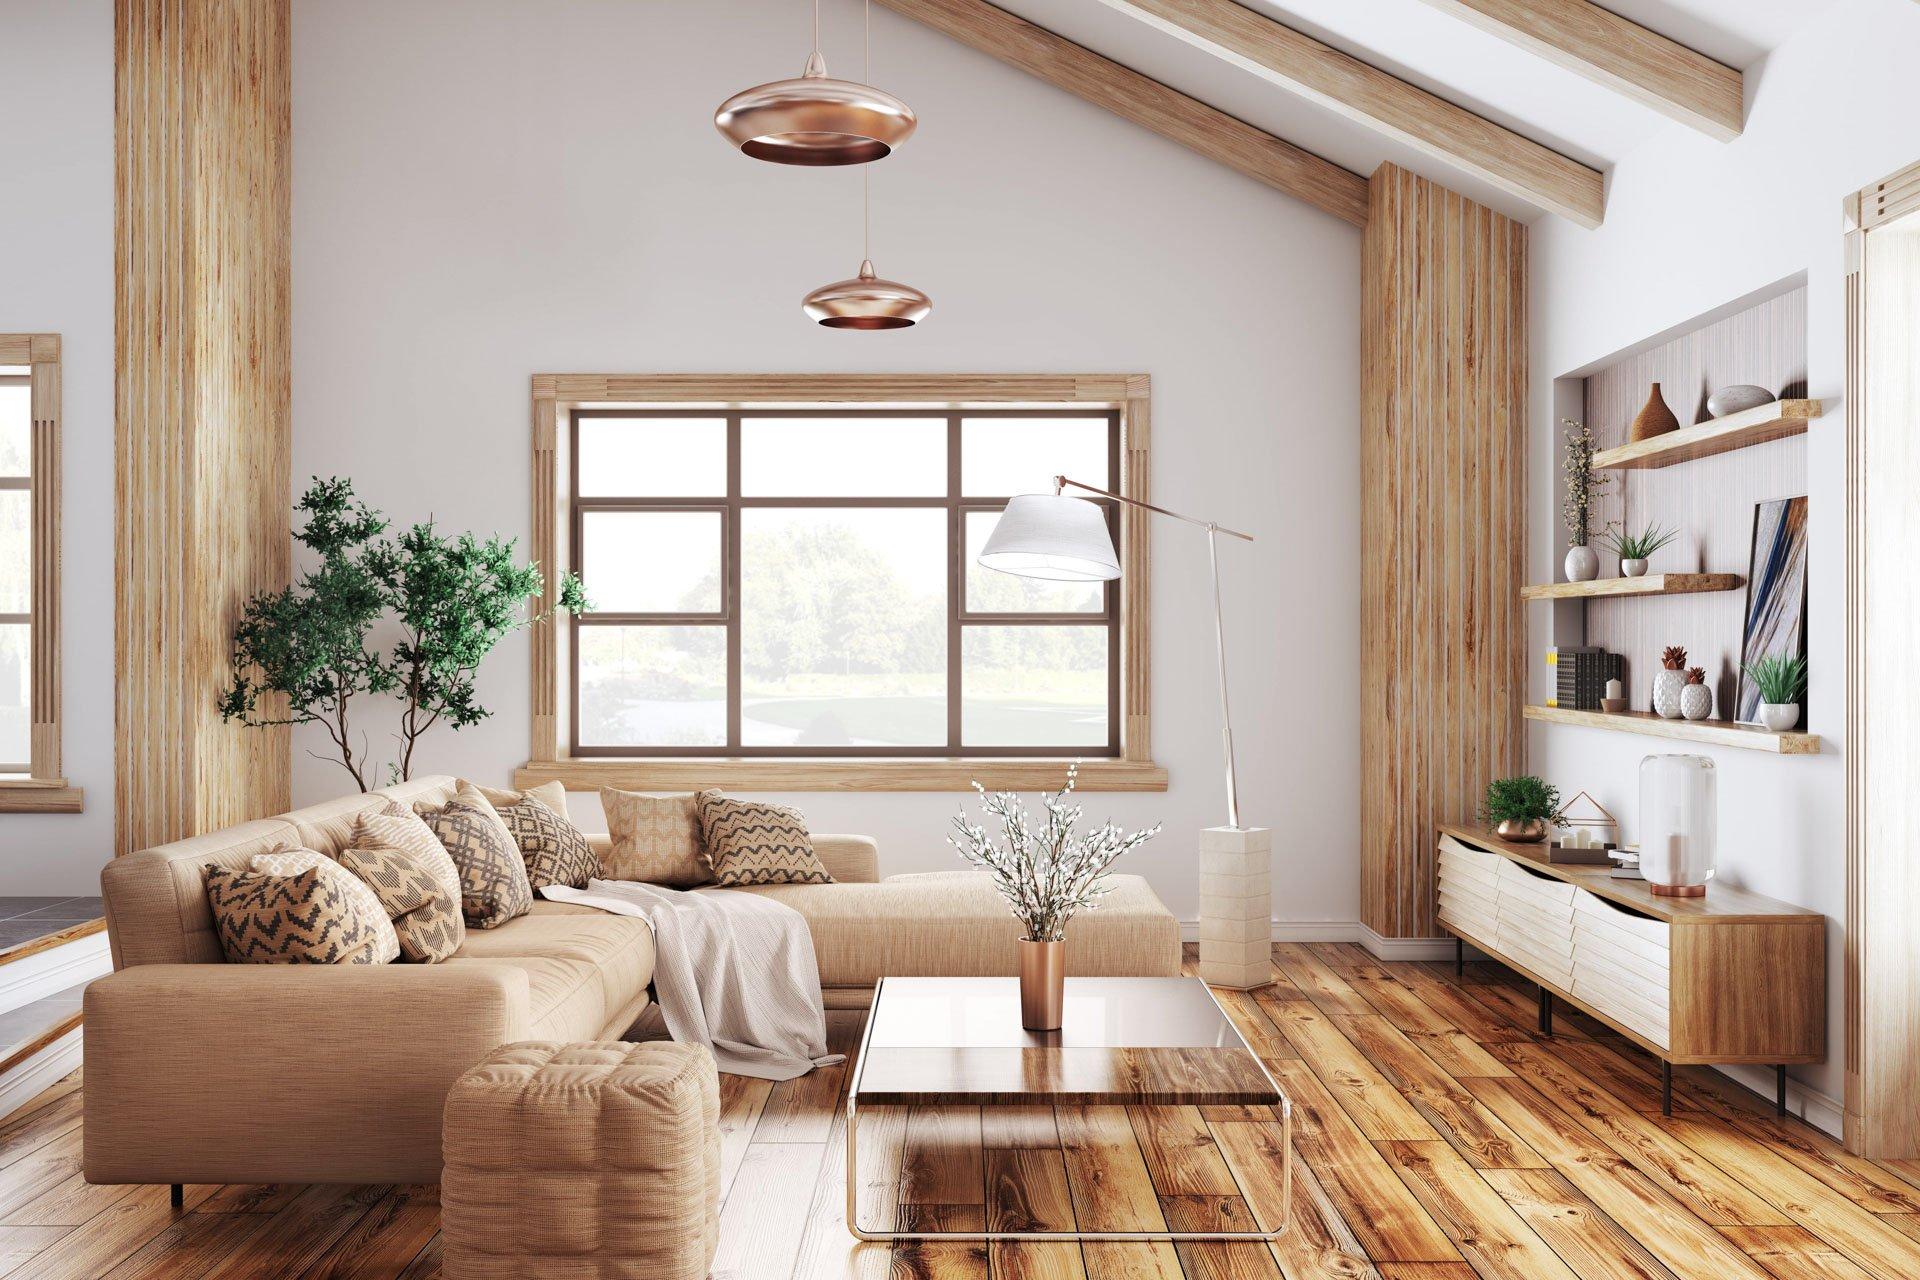 luxury wood floors and reclaimed furniture in Hesperus, La Plata